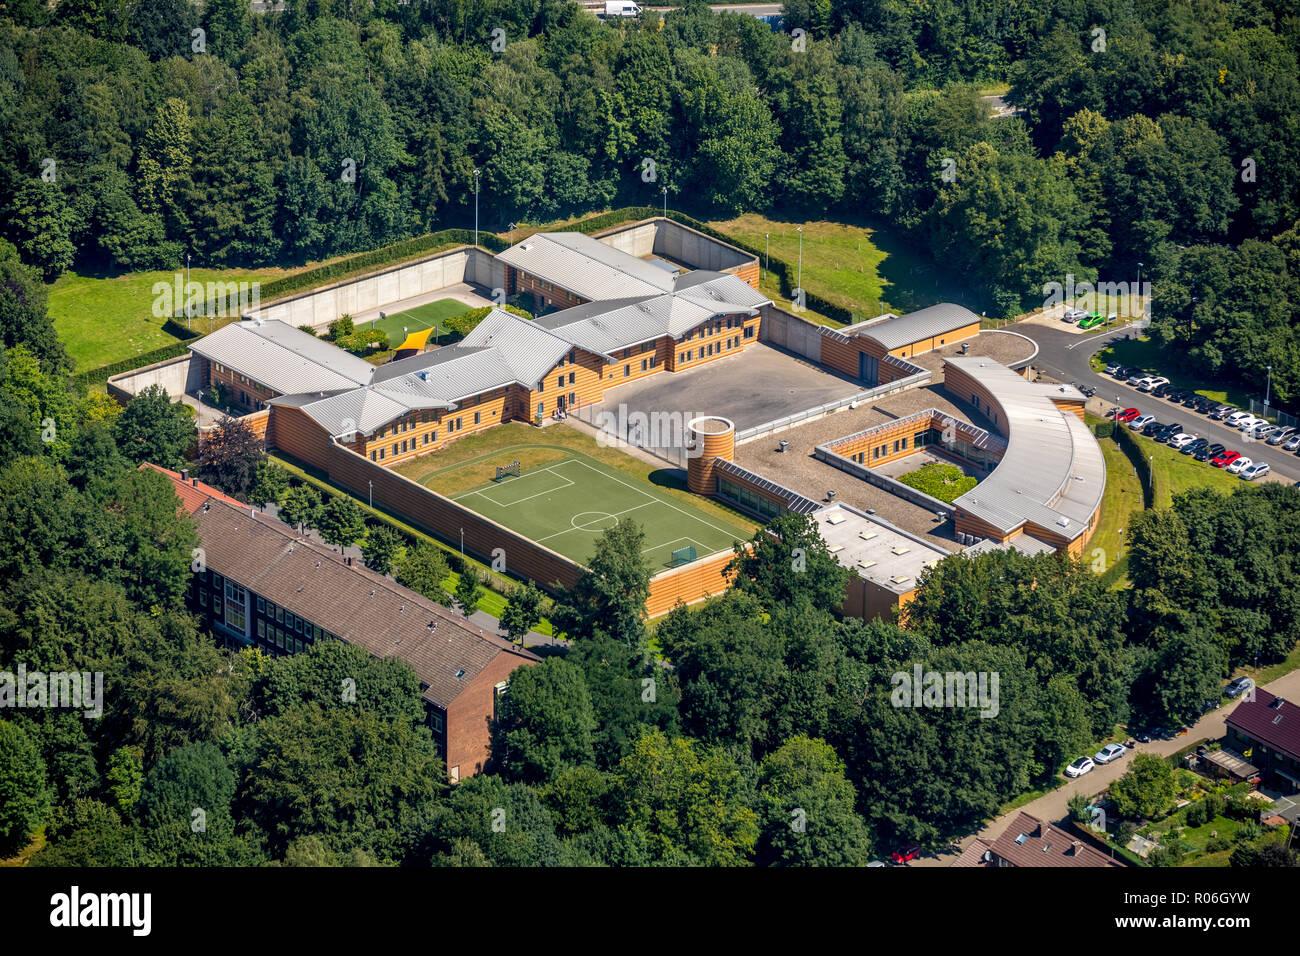 Luftbild, LWL-Klinik Aplerbeck, Landeskrankenhaus Dortmund, Dortmund, Ruhrgebiet, Nordrhein-Westfalen, Deutschland, DEU, Europa, birds-eyes view, Luft - Stock Image